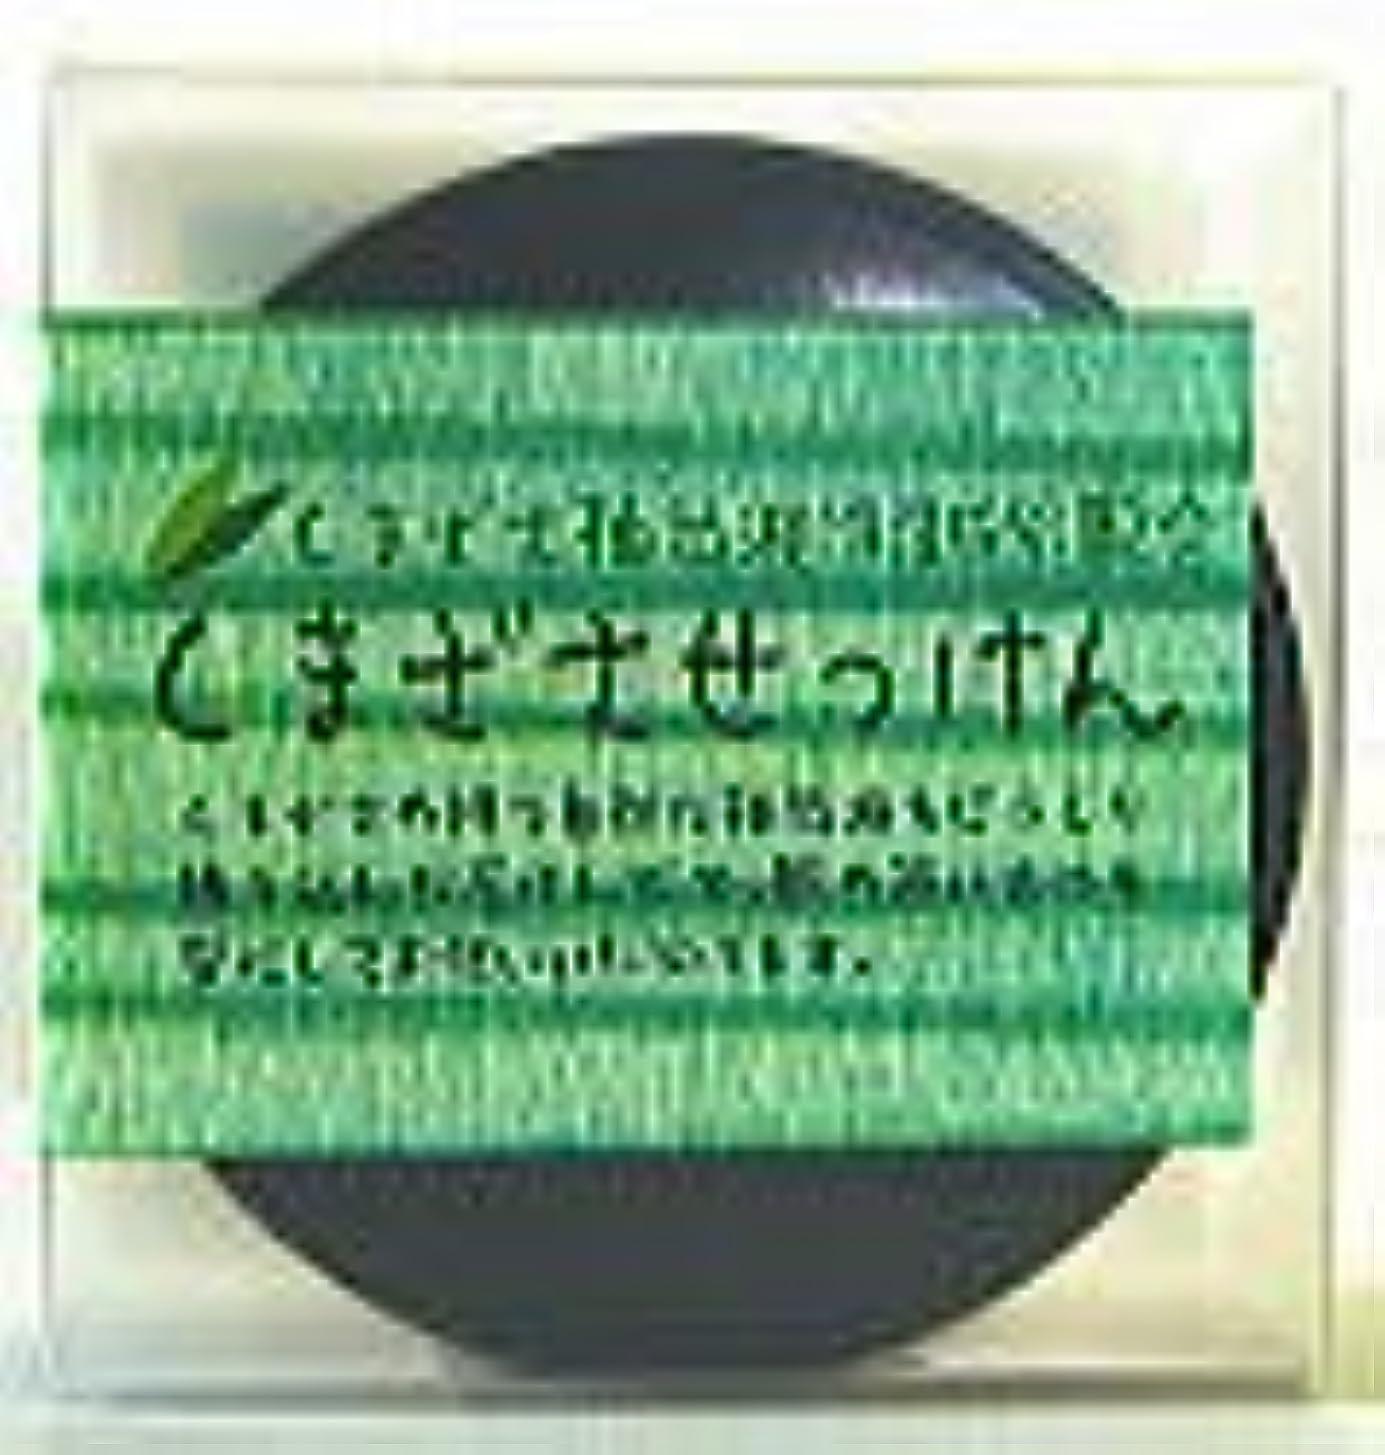 アカデミック正しい軽サンクロン クマザサ石鹸 100g